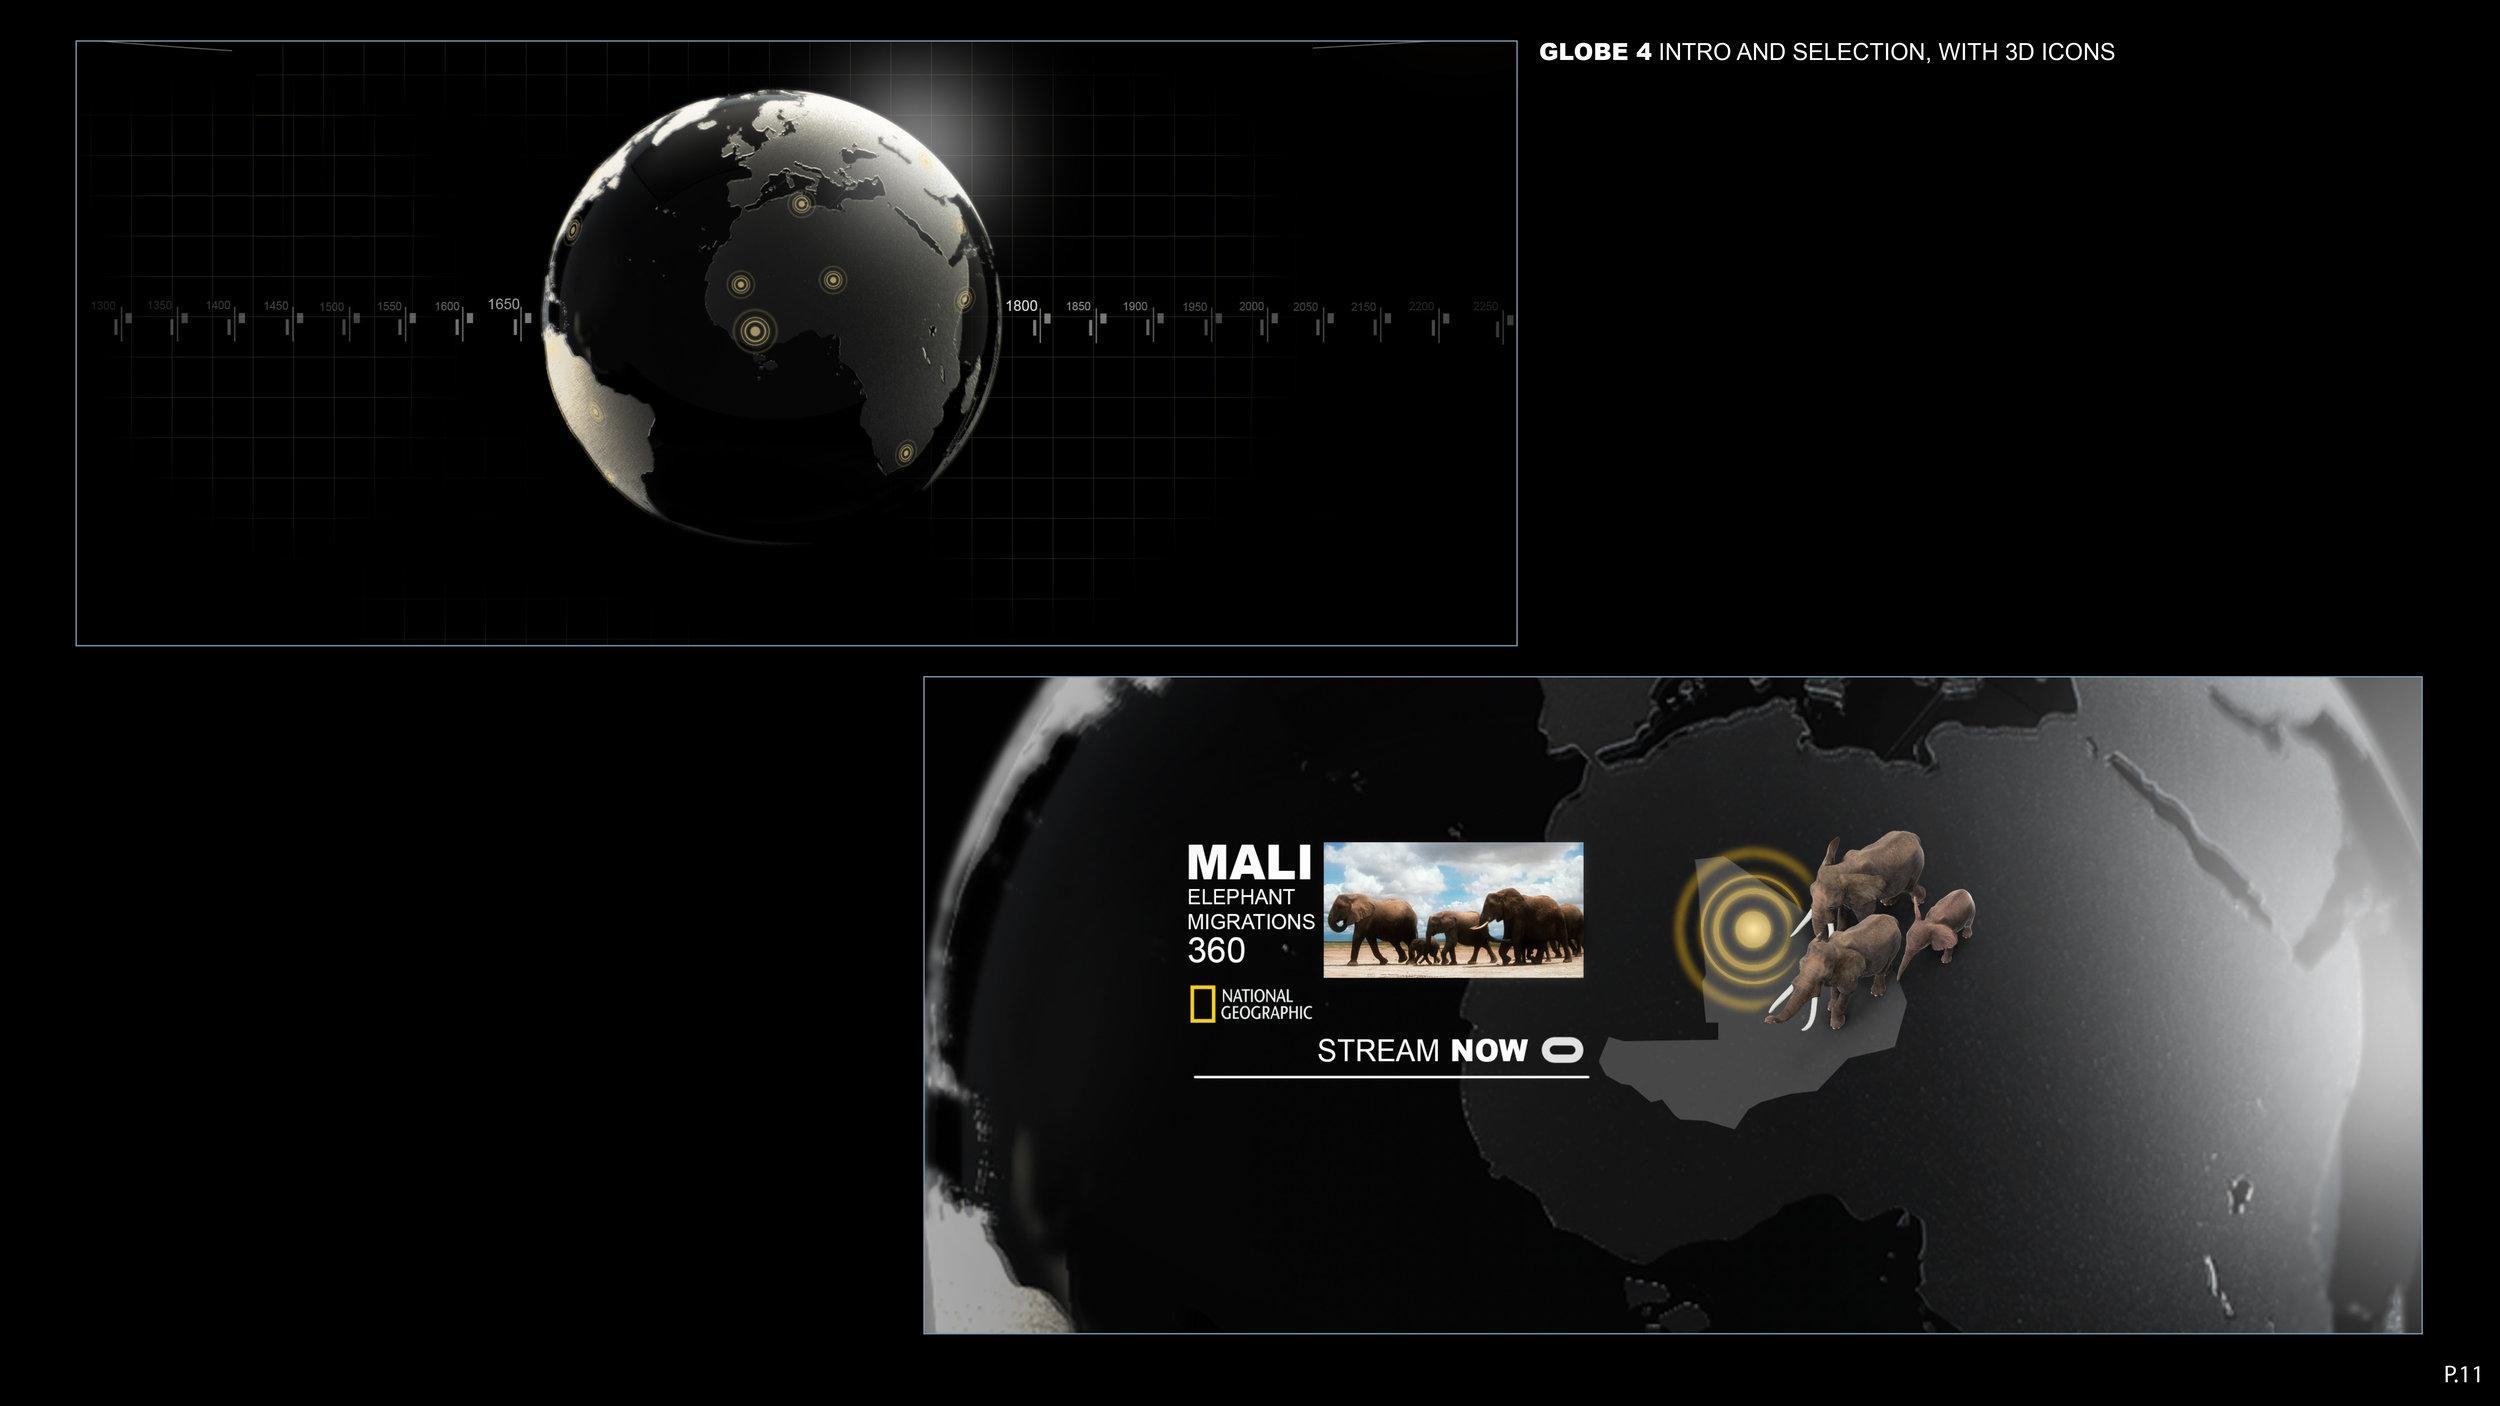 RFX_Oculus_GlobeVR_Concepts_v1_20160629-11.jpg